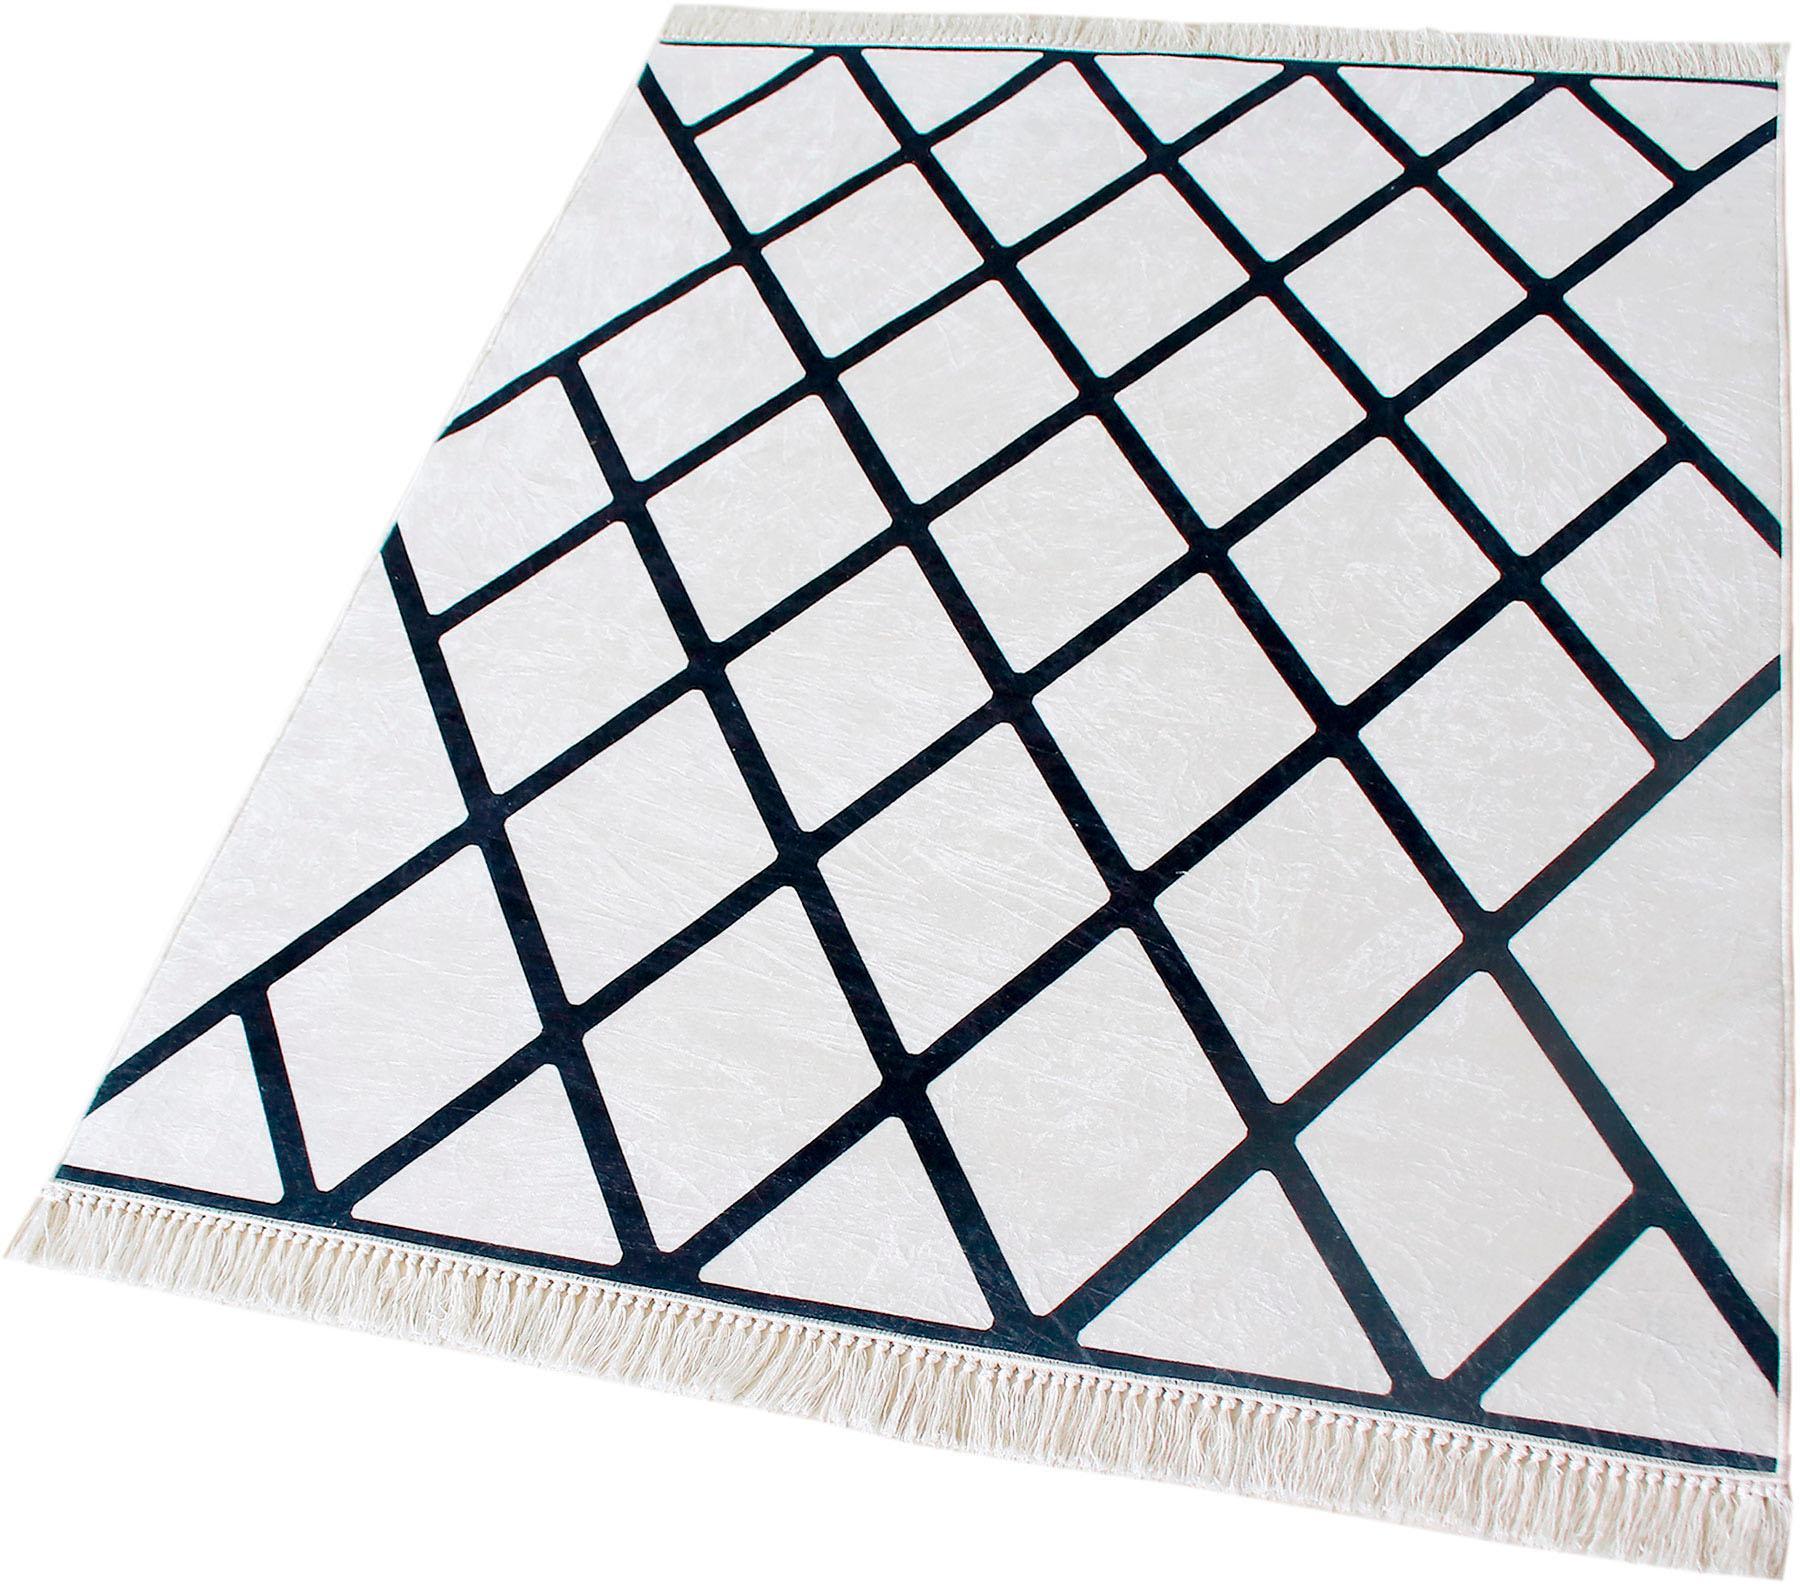 Teppich Caimas 2750 Sehrazat rechteckig Höhe 5 mm gedruckt